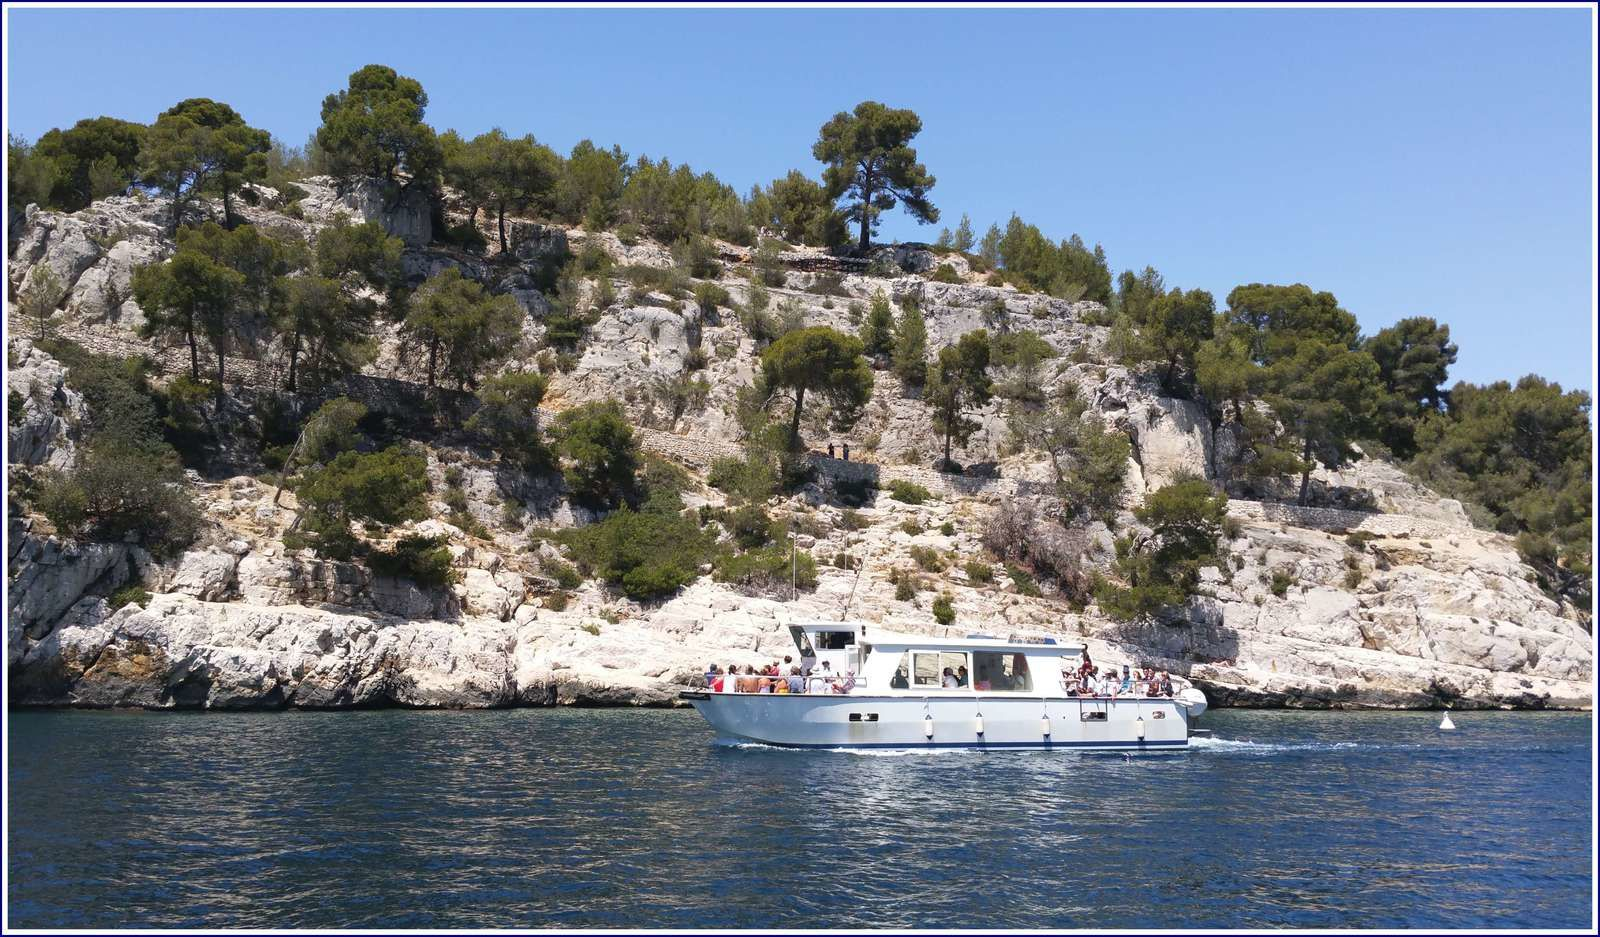 277 - Provence Côte d'Azur, navigation côtière, calanques d'en Vau, Port Pin, Port Miou, Cap Câble vers le port de Cassis juin 2016 photos GeoMar